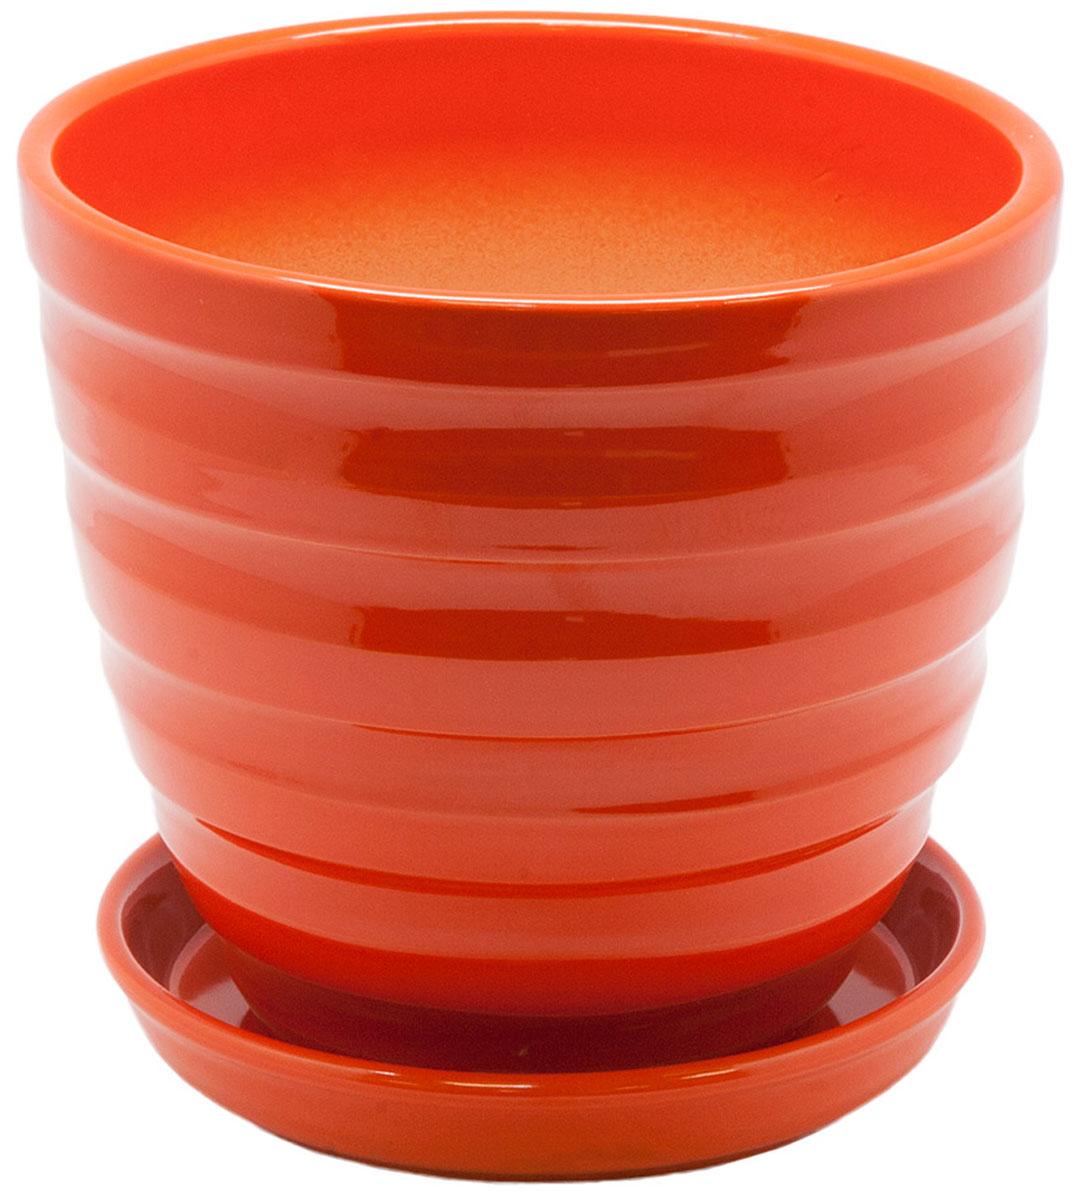 Горшок цветочный Engard, с поддоном, цвет: рыжий, 2,4 лC0038550Керамический горшок - это идеальное решение для выращивания комнатных растений и создания изысканности в интерьере. Керамический горшок сделан из высококачественной глины в классической форме и оригинальном дизайне.